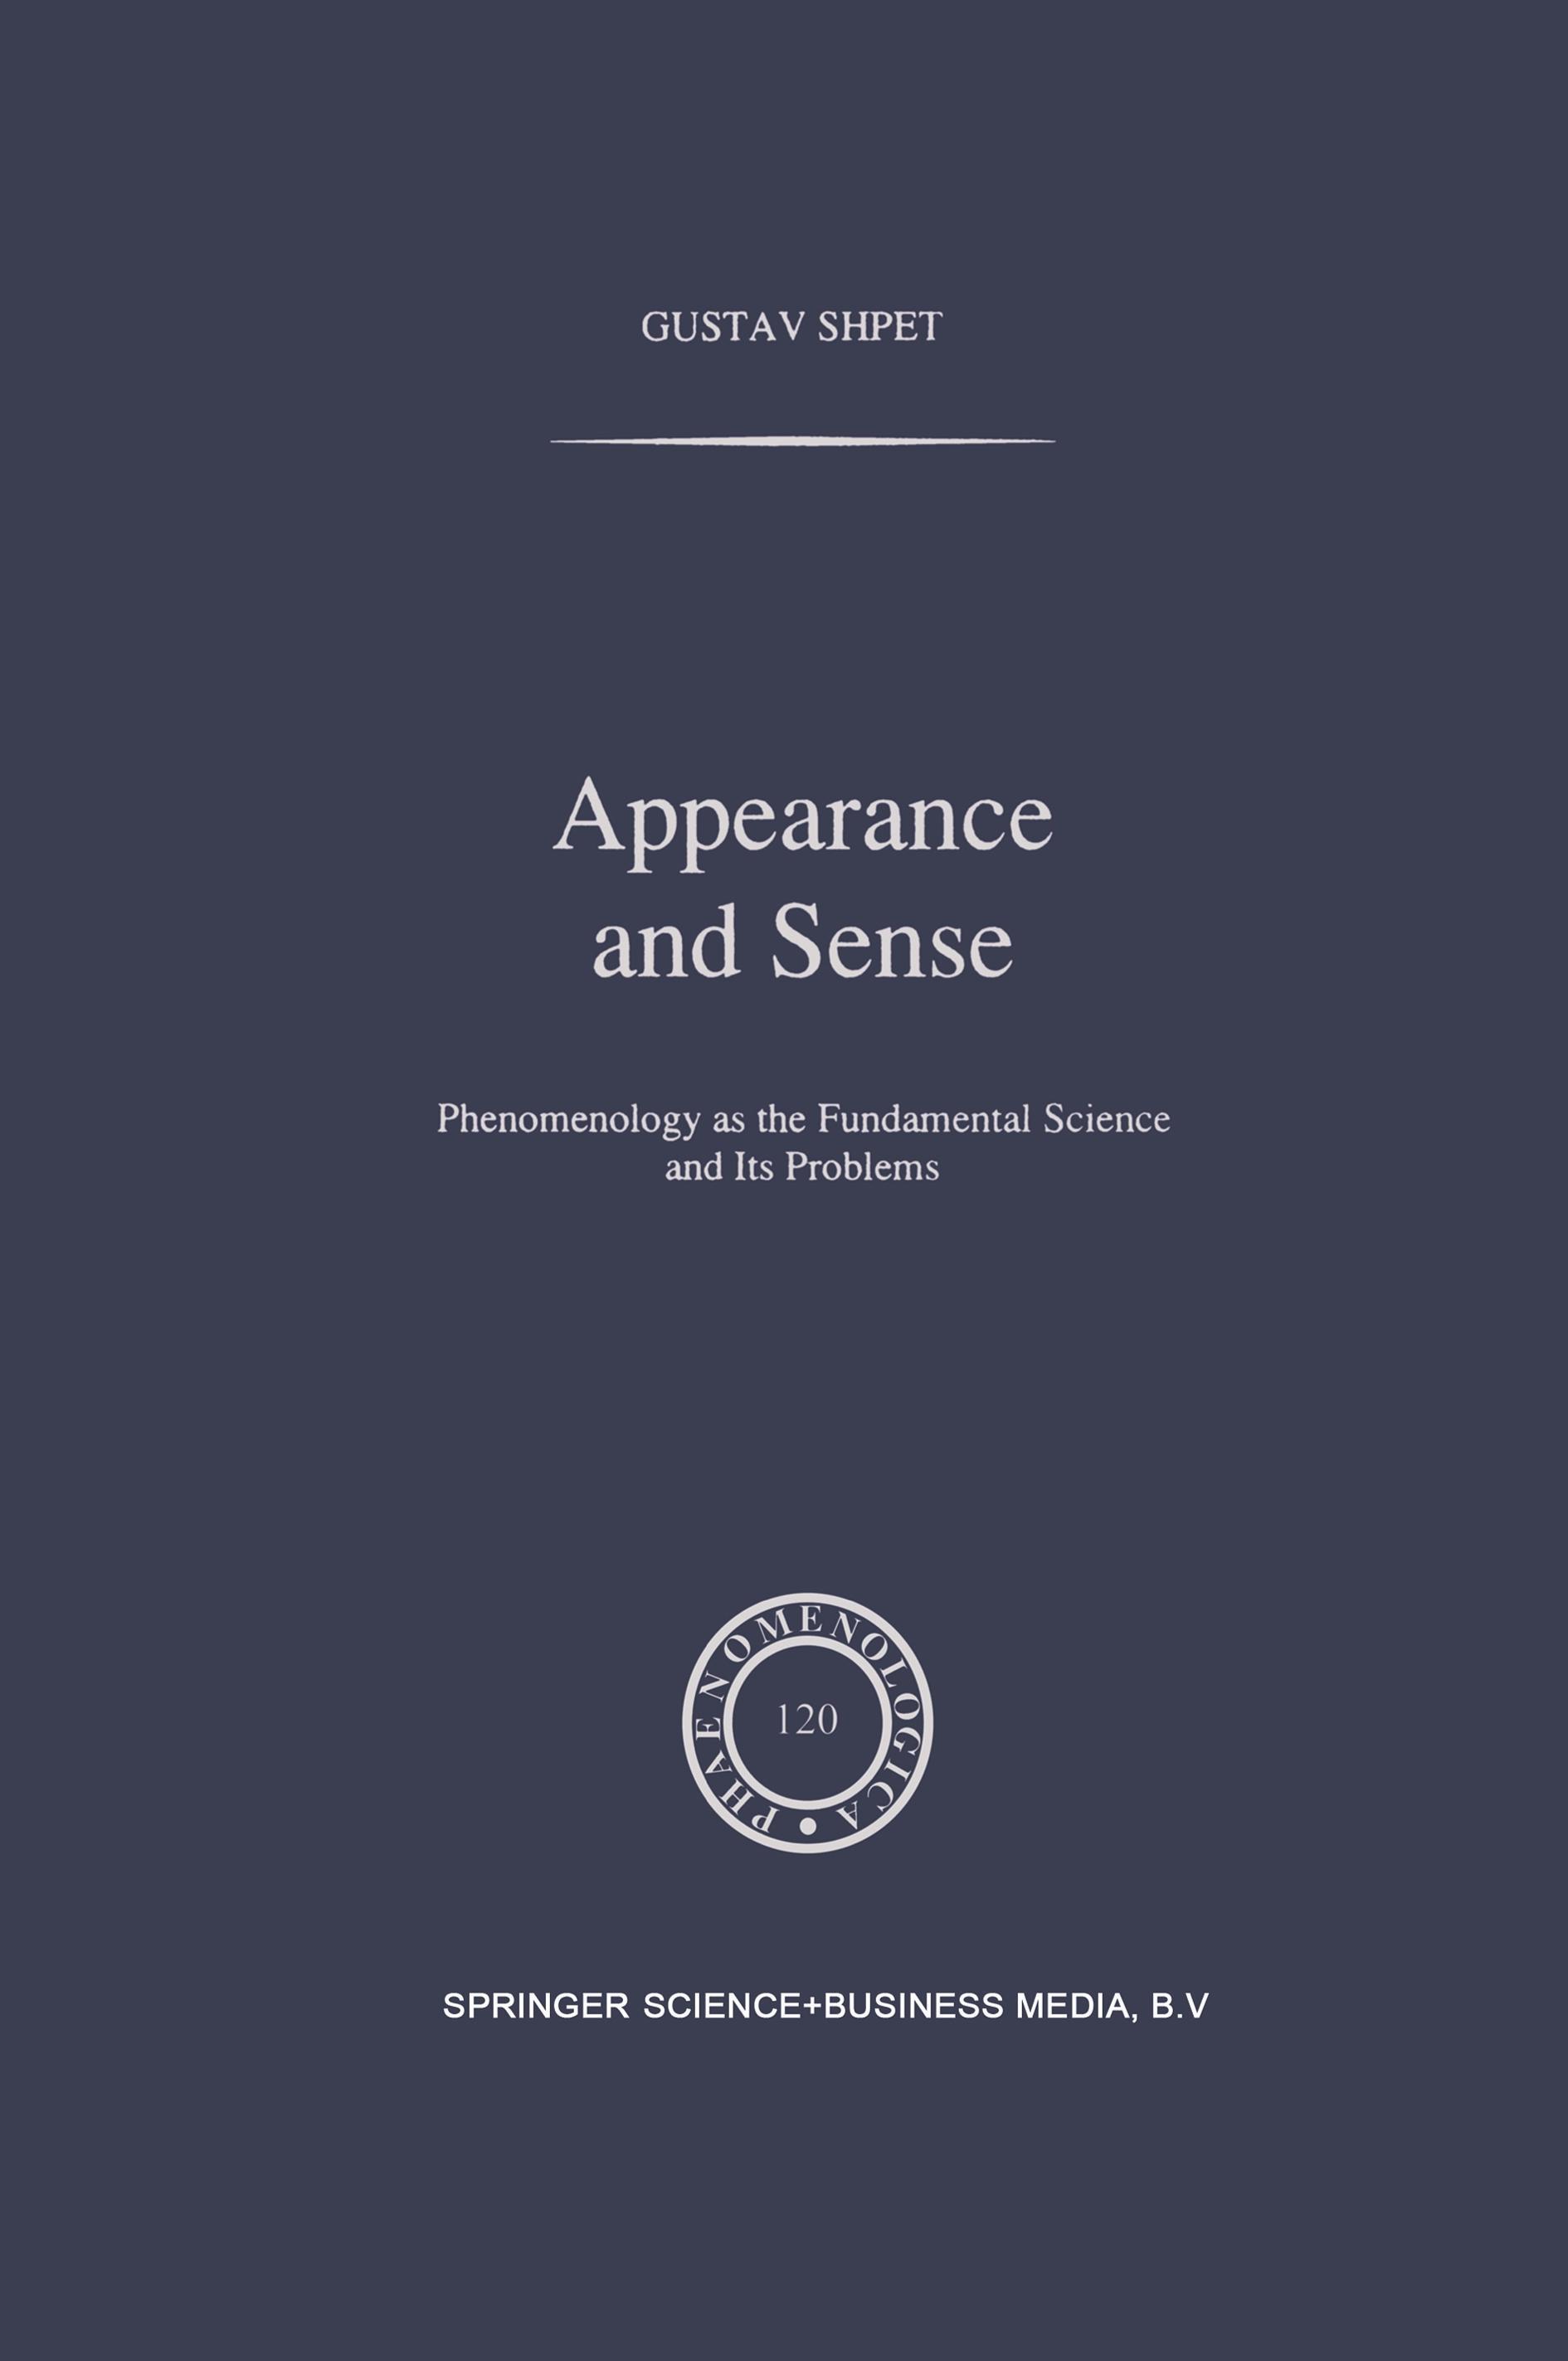 Appearance and Sense Gustav Shpet